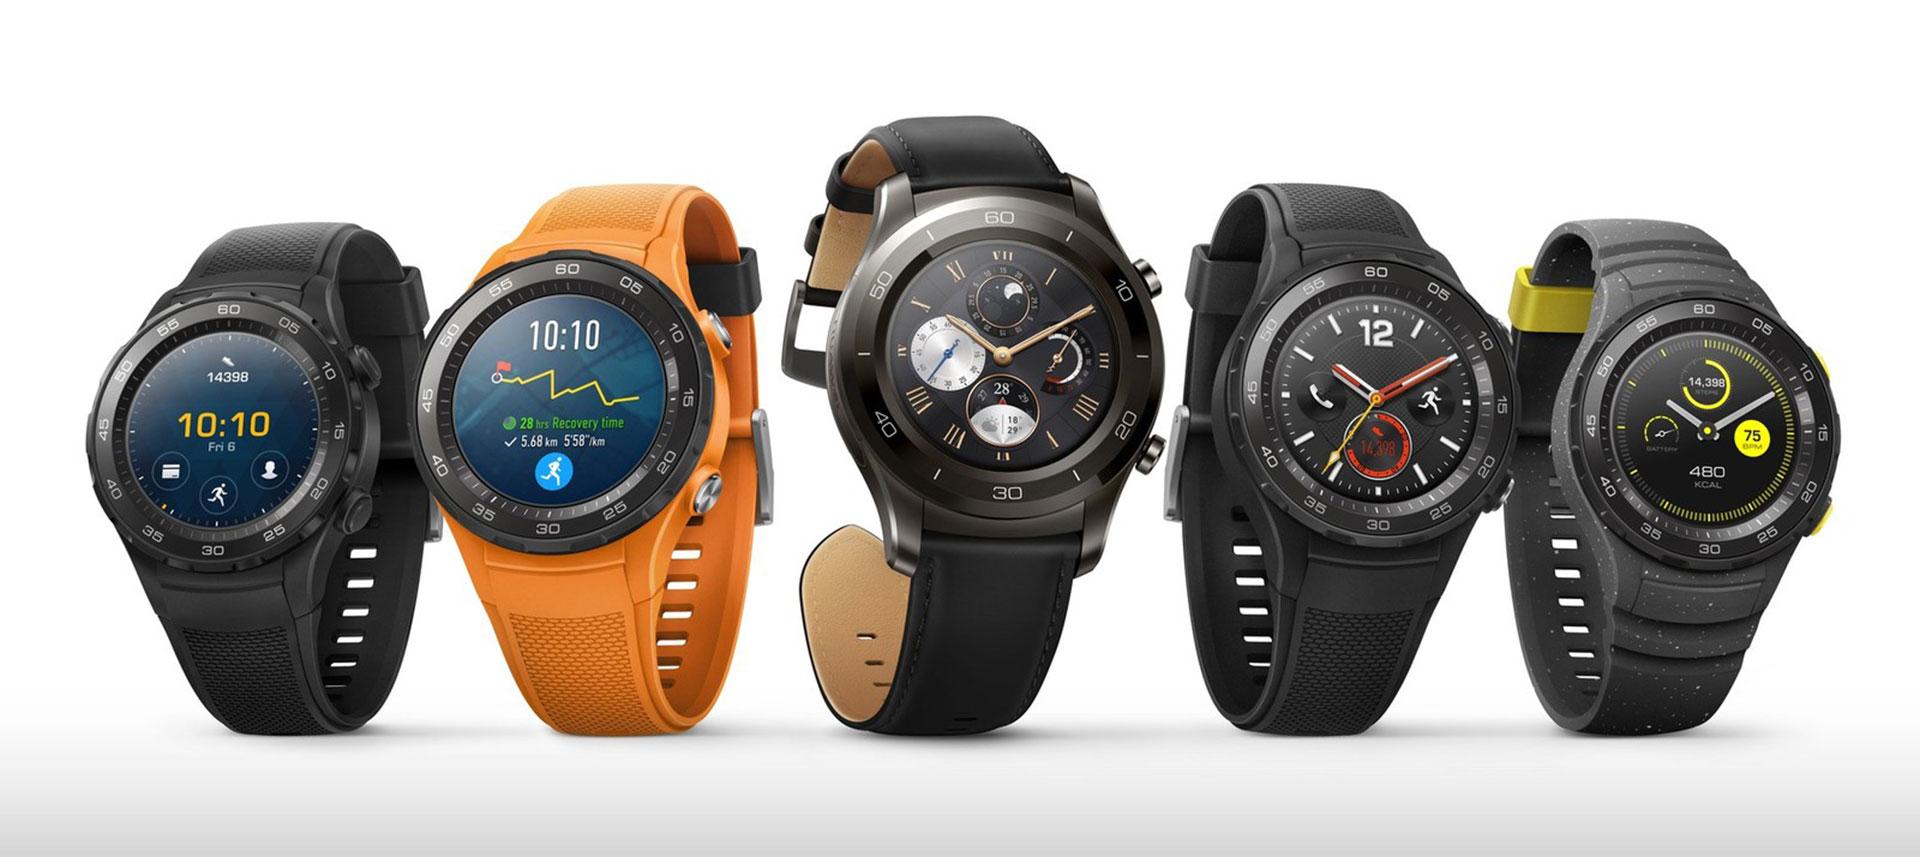 Huawei Watch 2, un reloj inteligente que ofrece mayor duración de batería que sus competidores